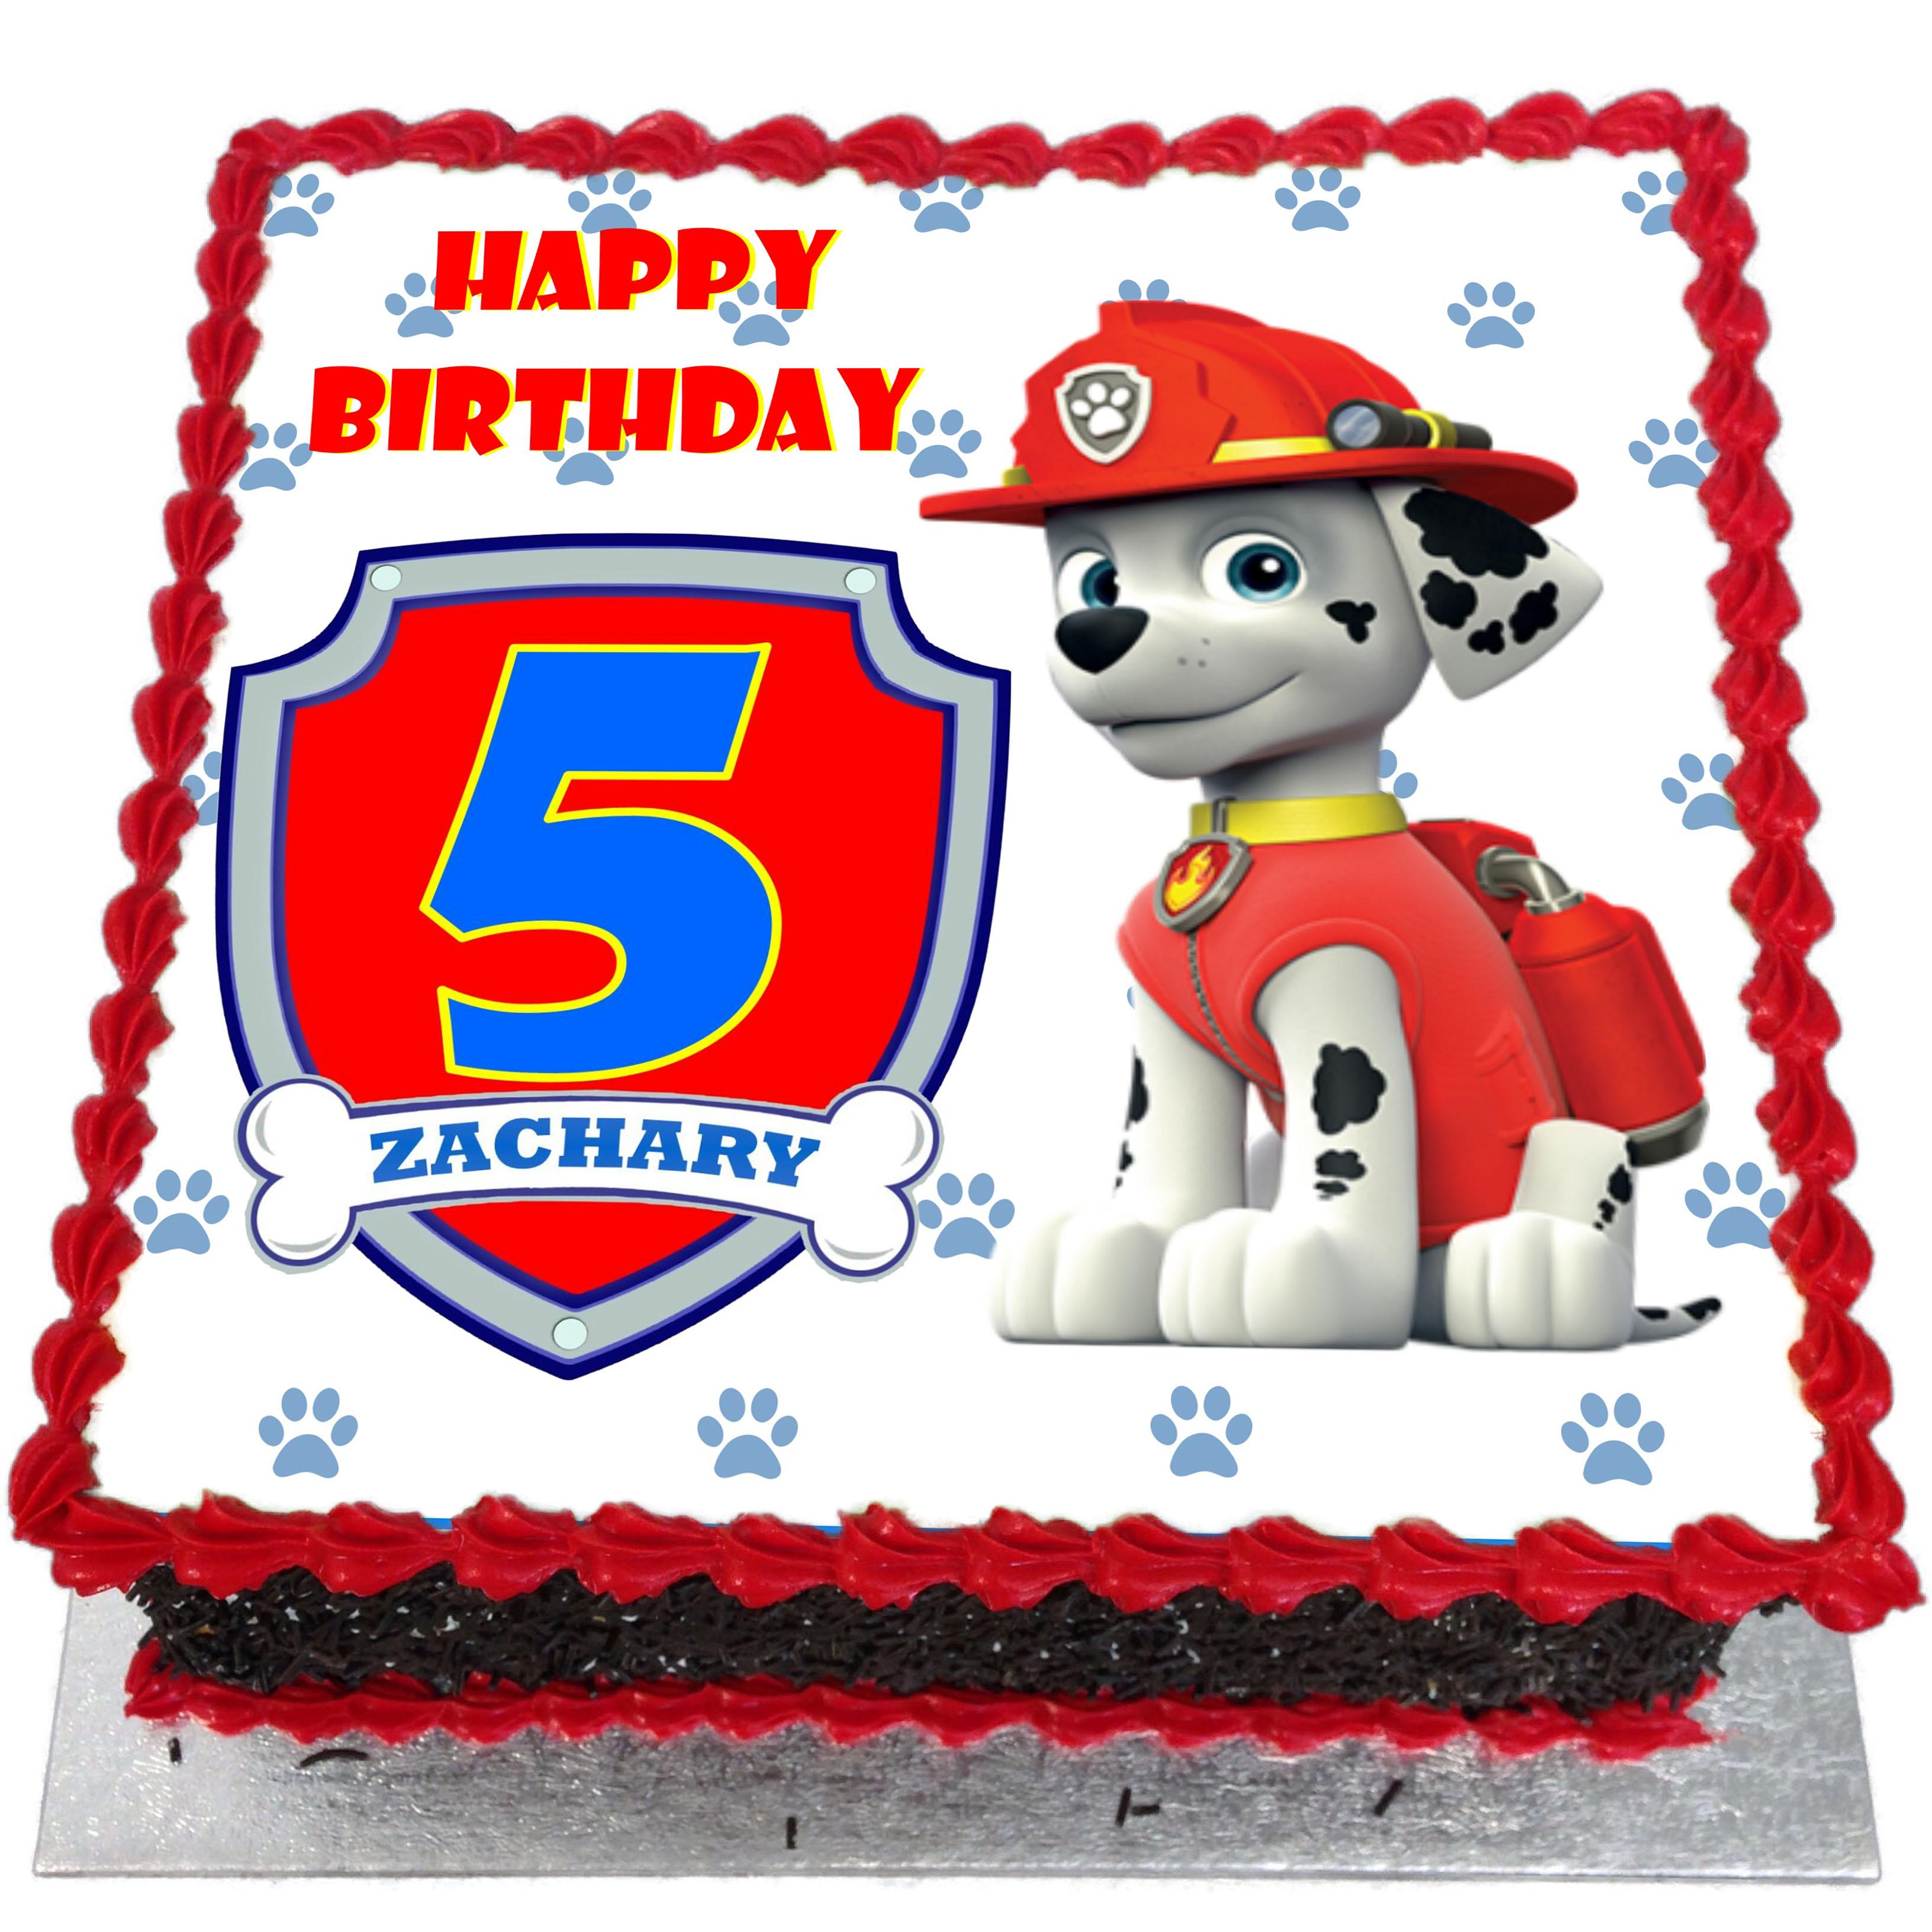 Paw Patrol Birthday Cake - Flecks Cakes